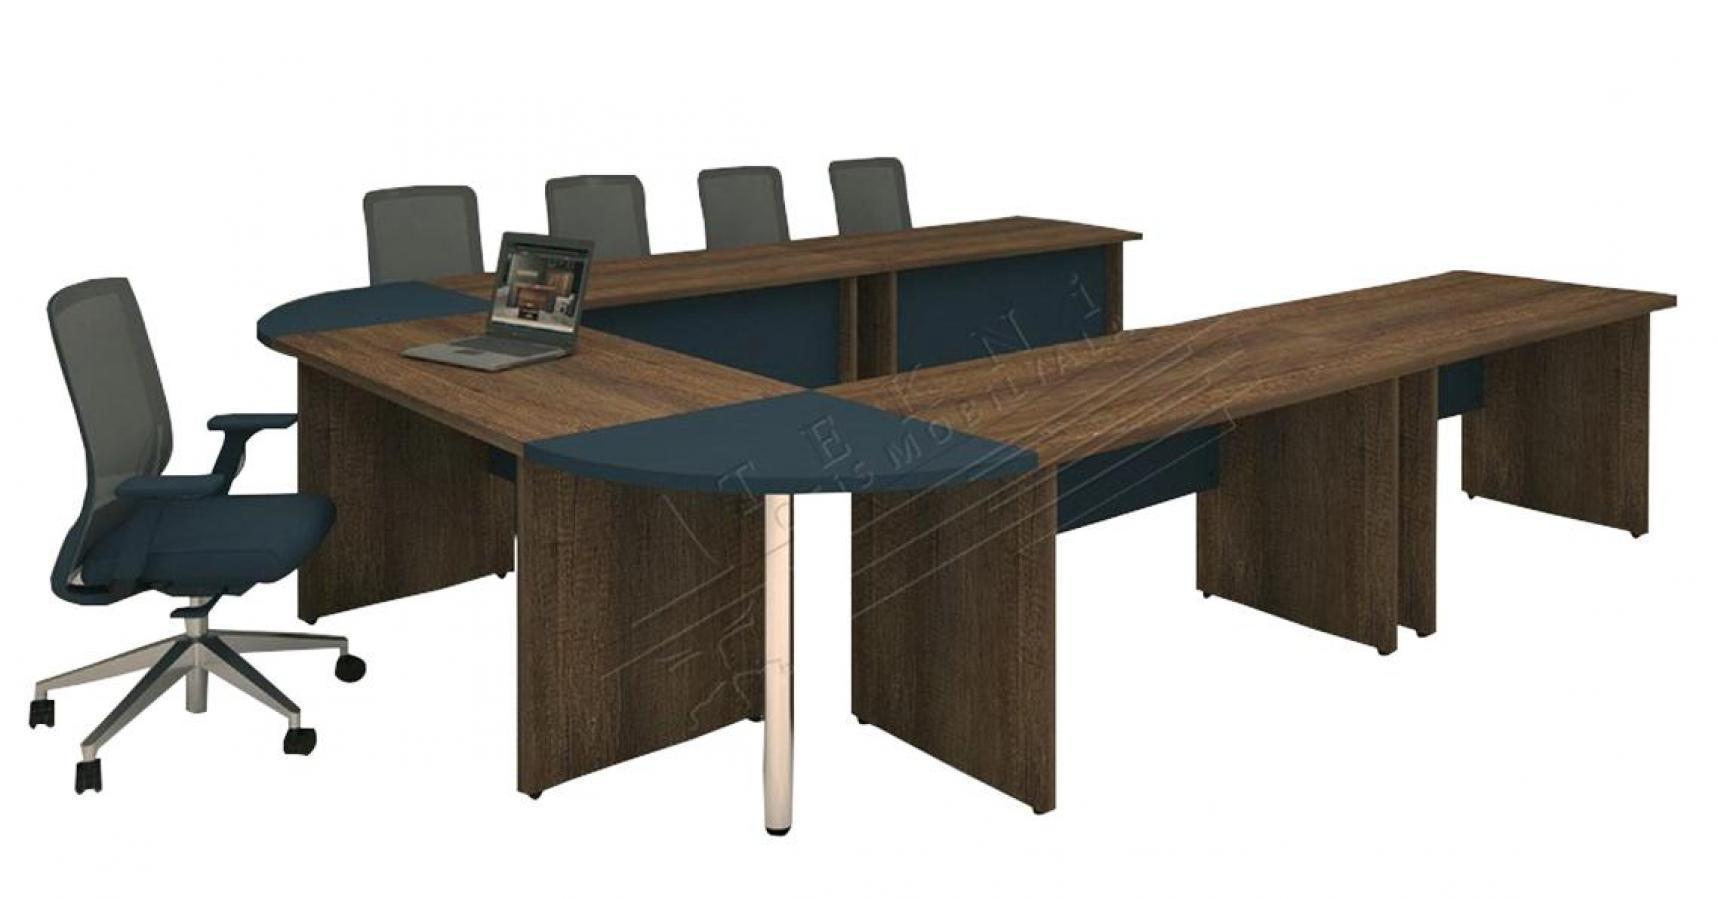 pira u toplantı masası 350cm